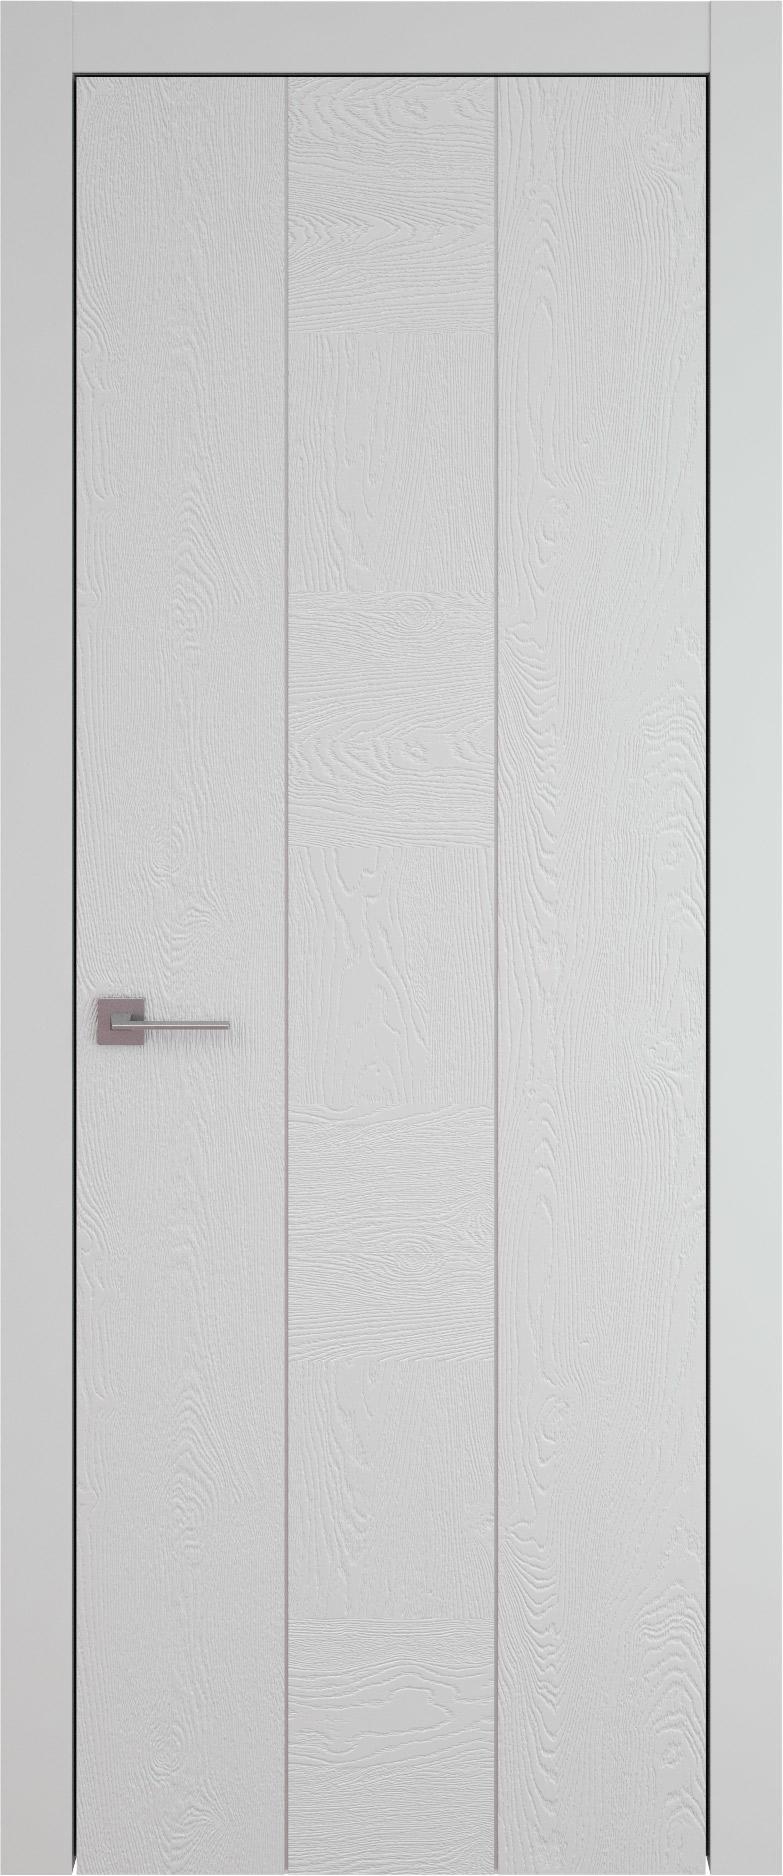 Tivoli Б-1 цвет - Серая эмаль по шпону (RAL 7047) Без стекла (ДГ)